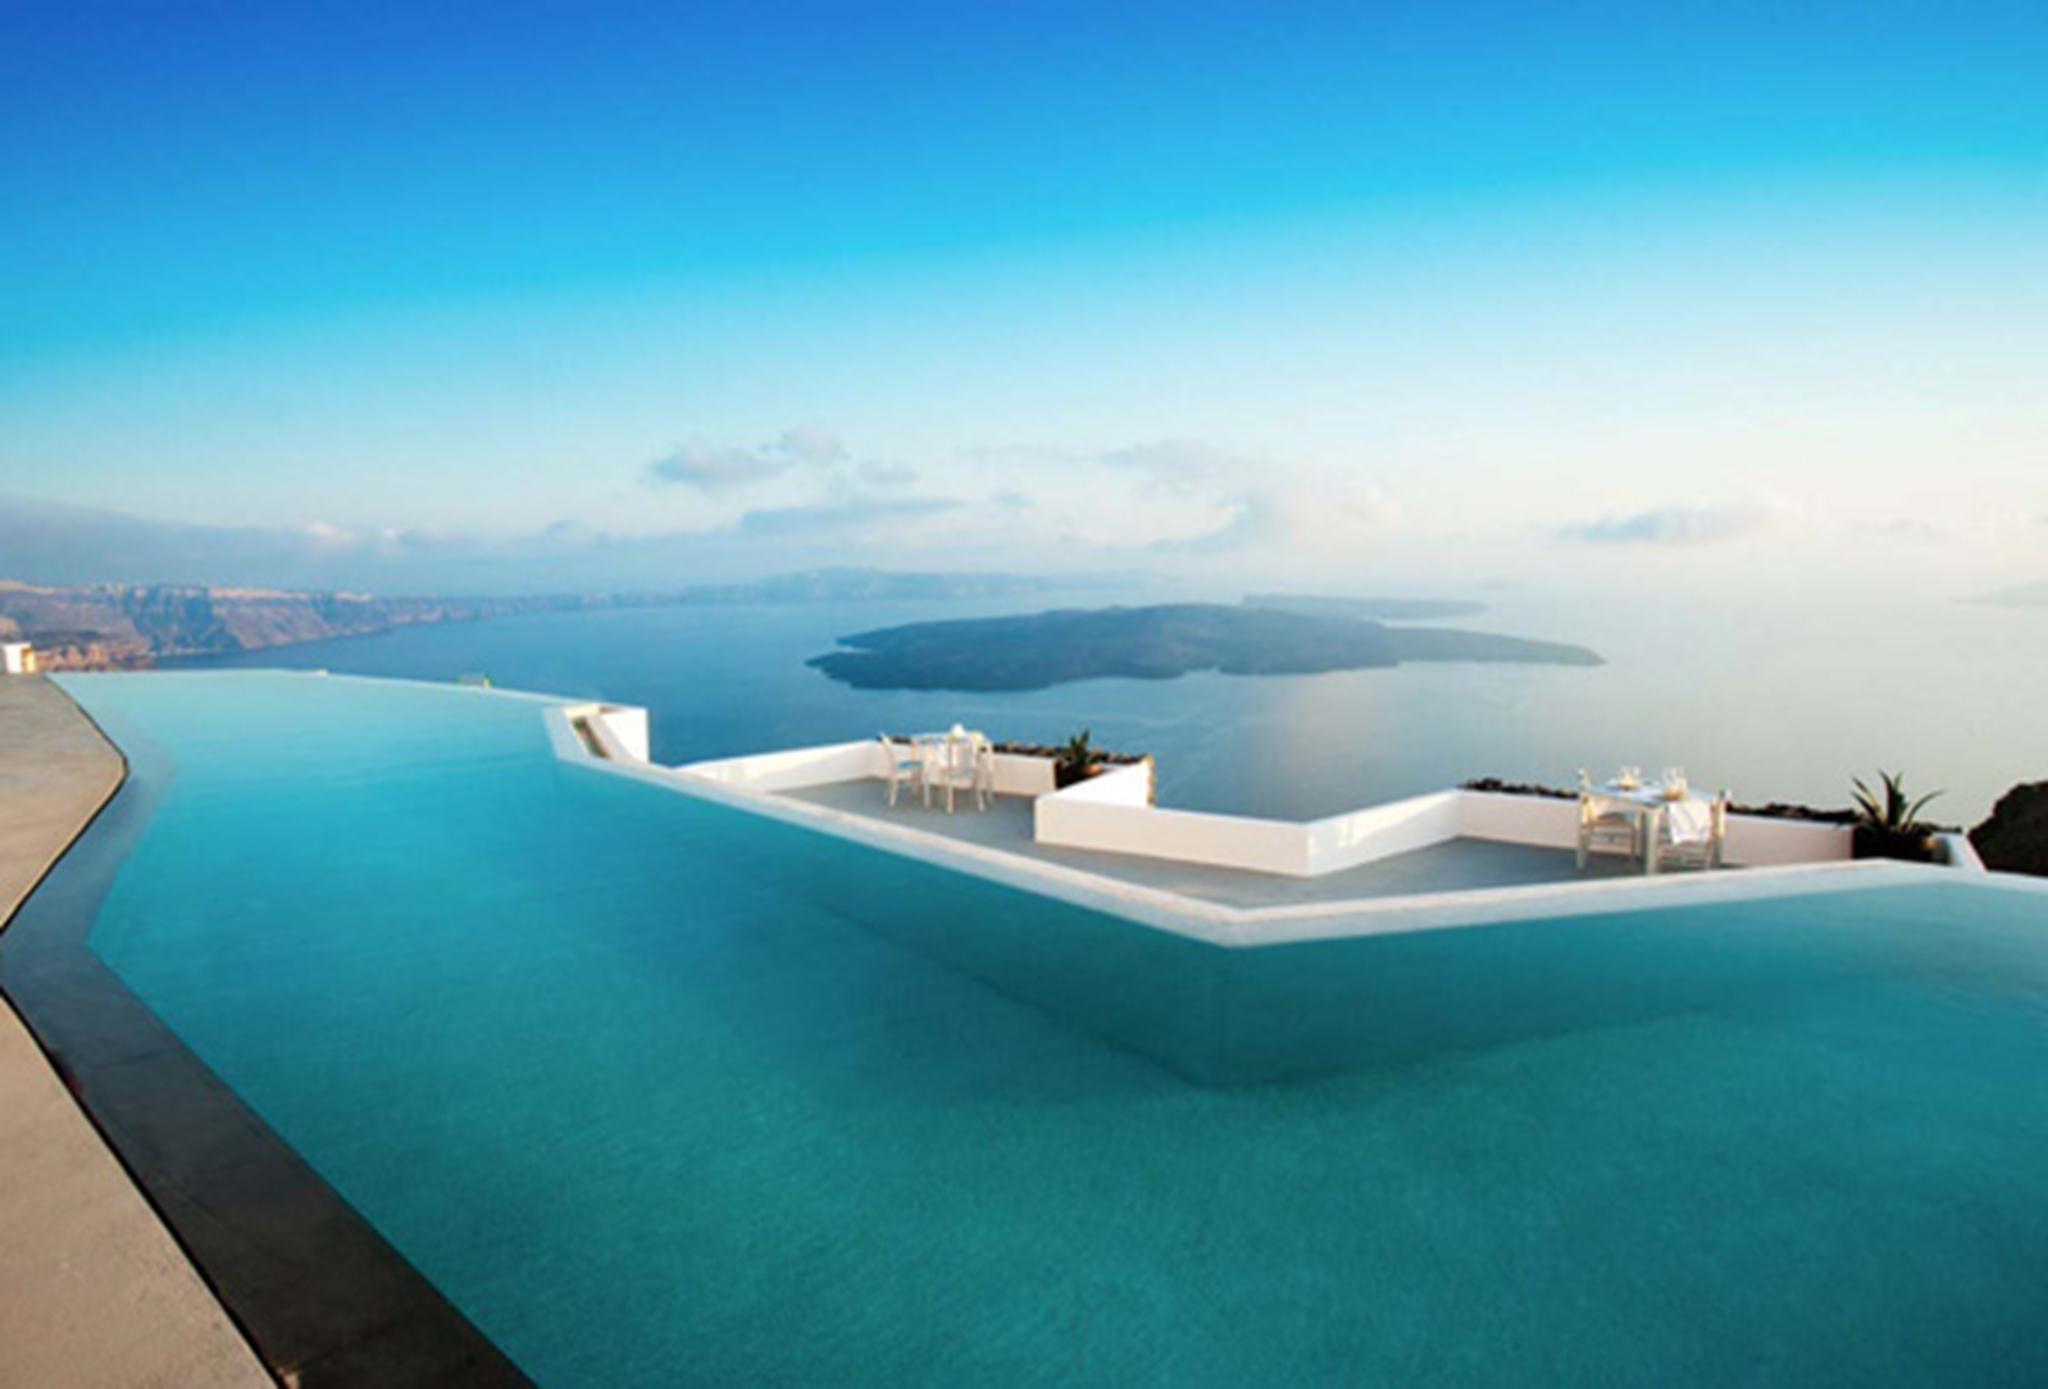 Địa thế tuyệt vời này được tận dụng tối đa để xây dựng các hồ bơi, hồ nước nóng, quán bar trên cao với hướng nhìn độc đáo ra biển.